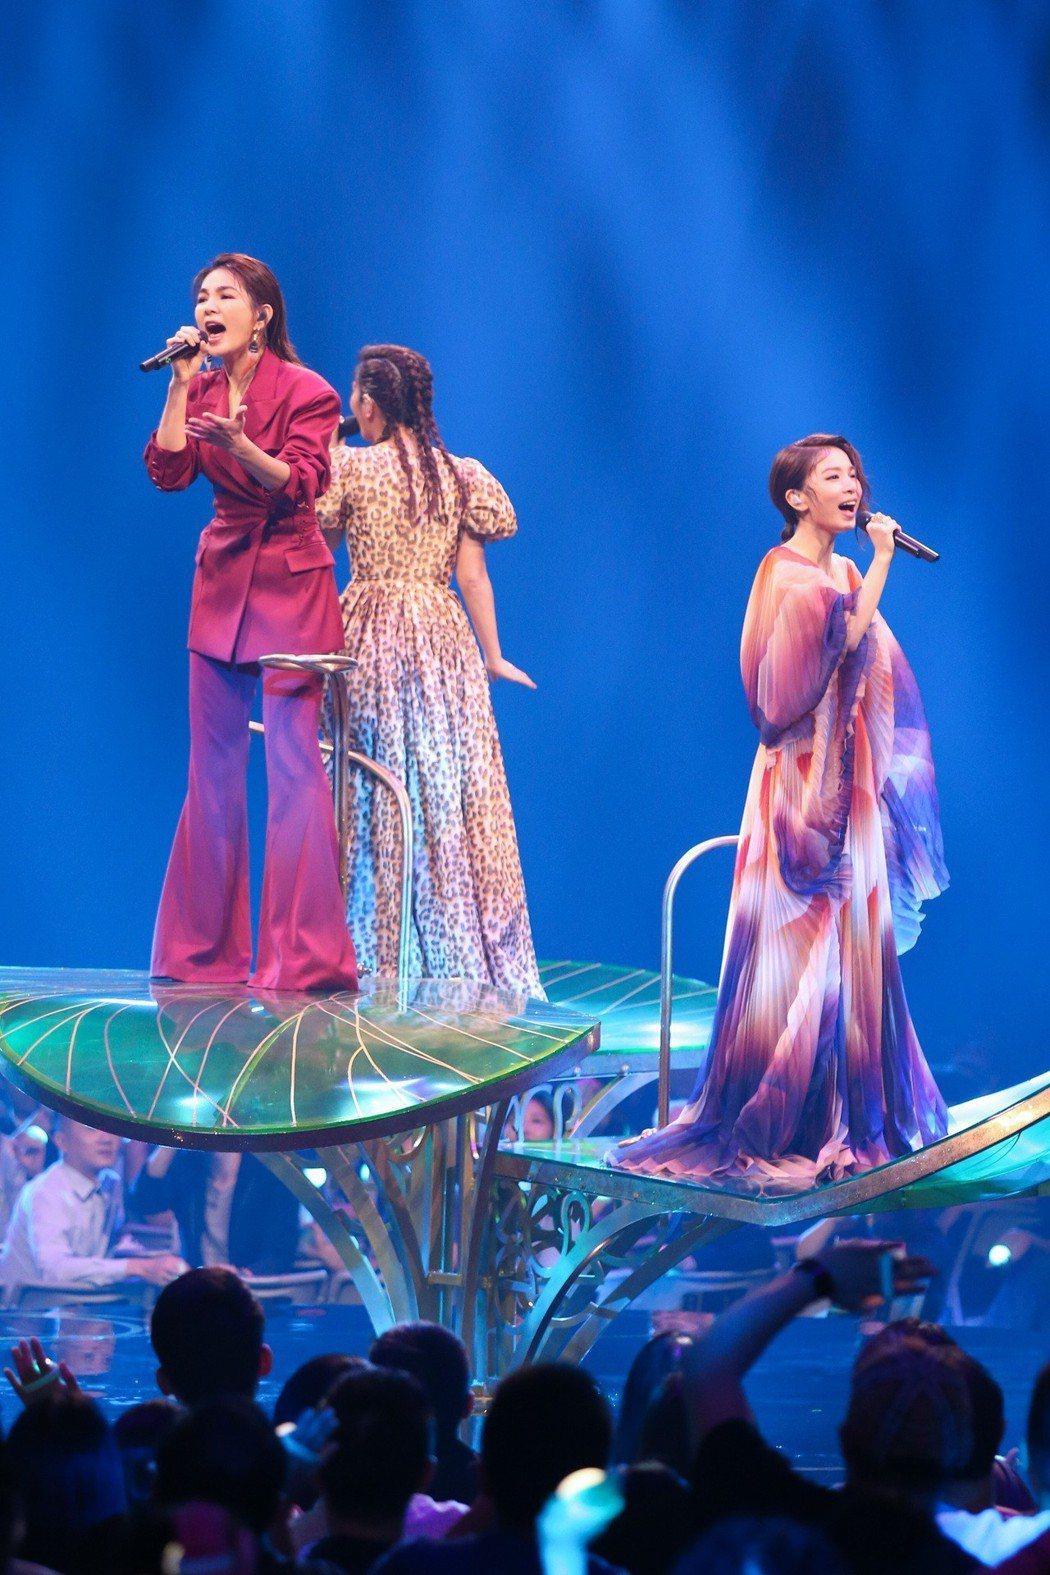 第30屆金曲獎,S.H.E.登上花式舞台帶來夢幻的演出。記者林伯東/攝影